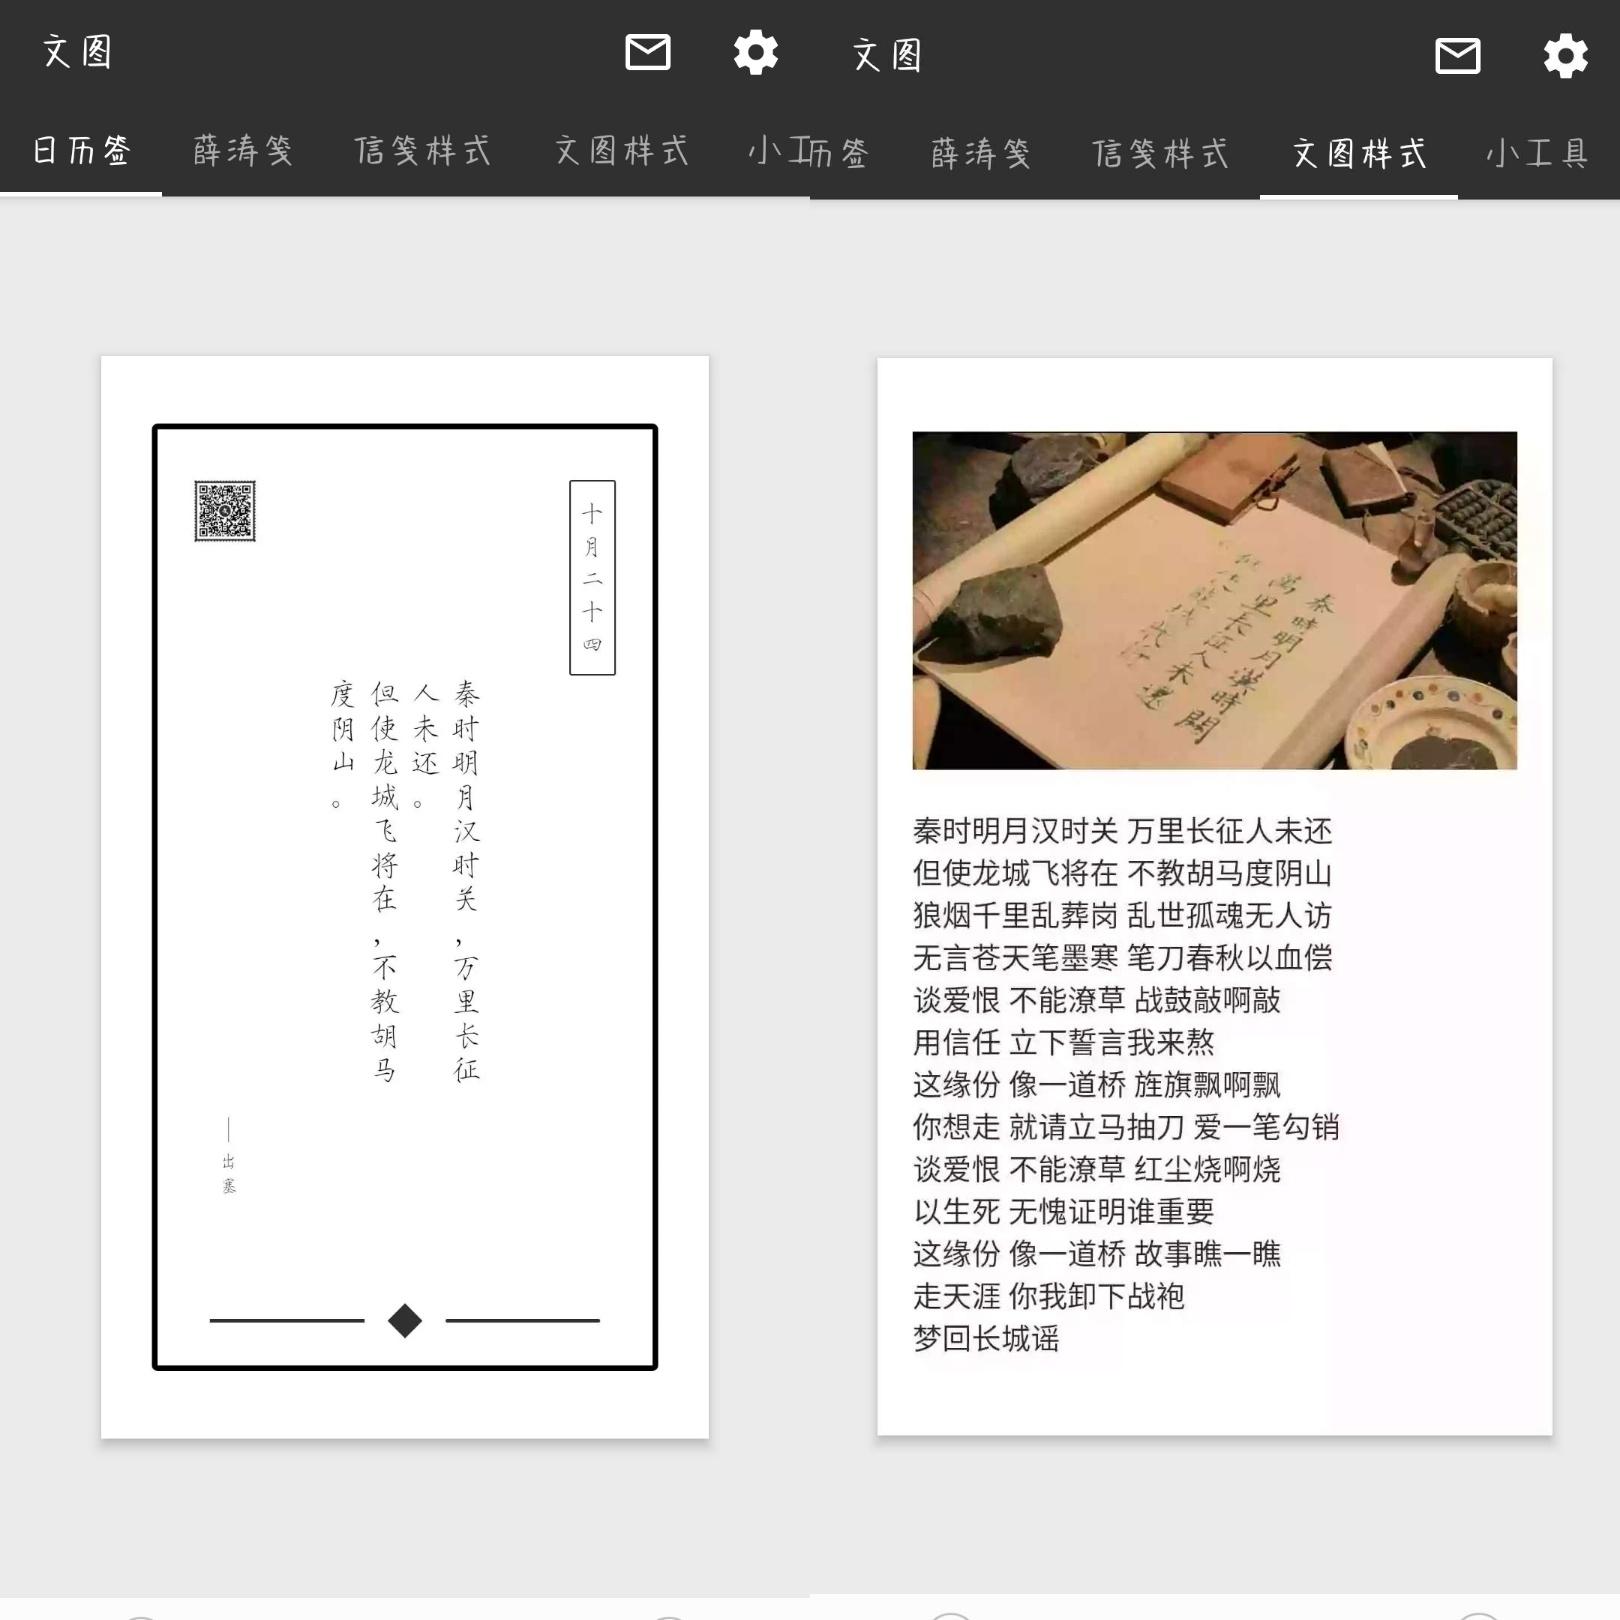 文图v3.1.2 唯美文字图片生成